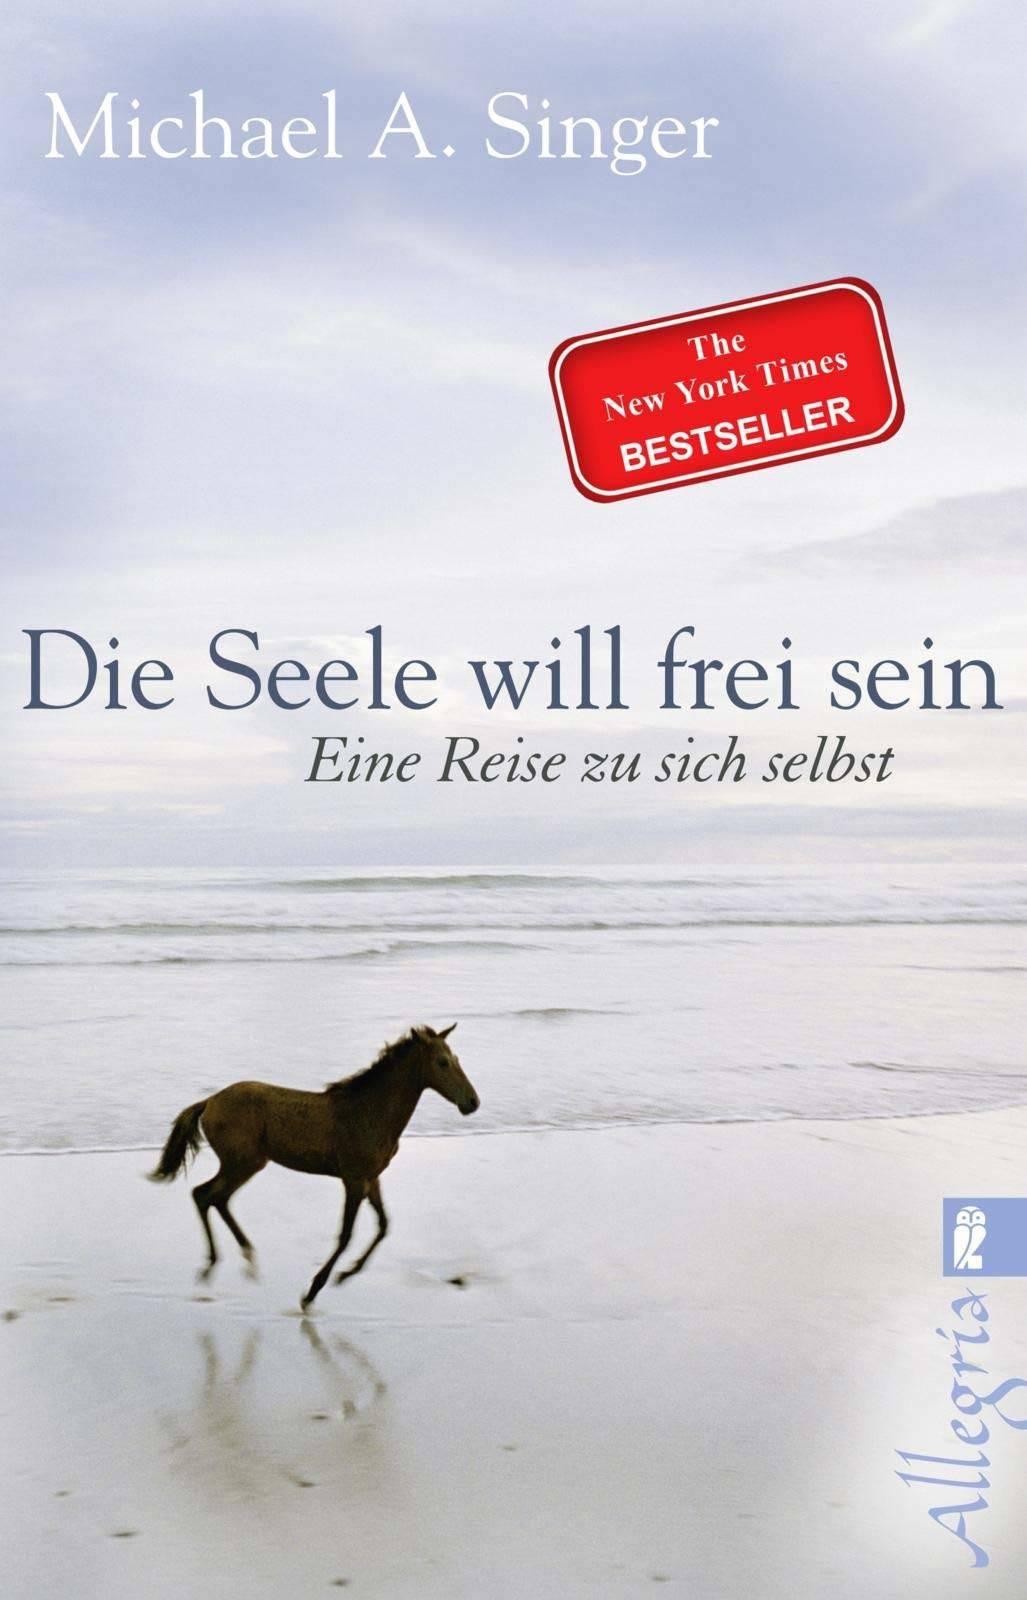 Die besten Bücher zur Persönlichkeitsentwicklung: Michael A. Singer - Die Seele will frei sein Buchempfehlung